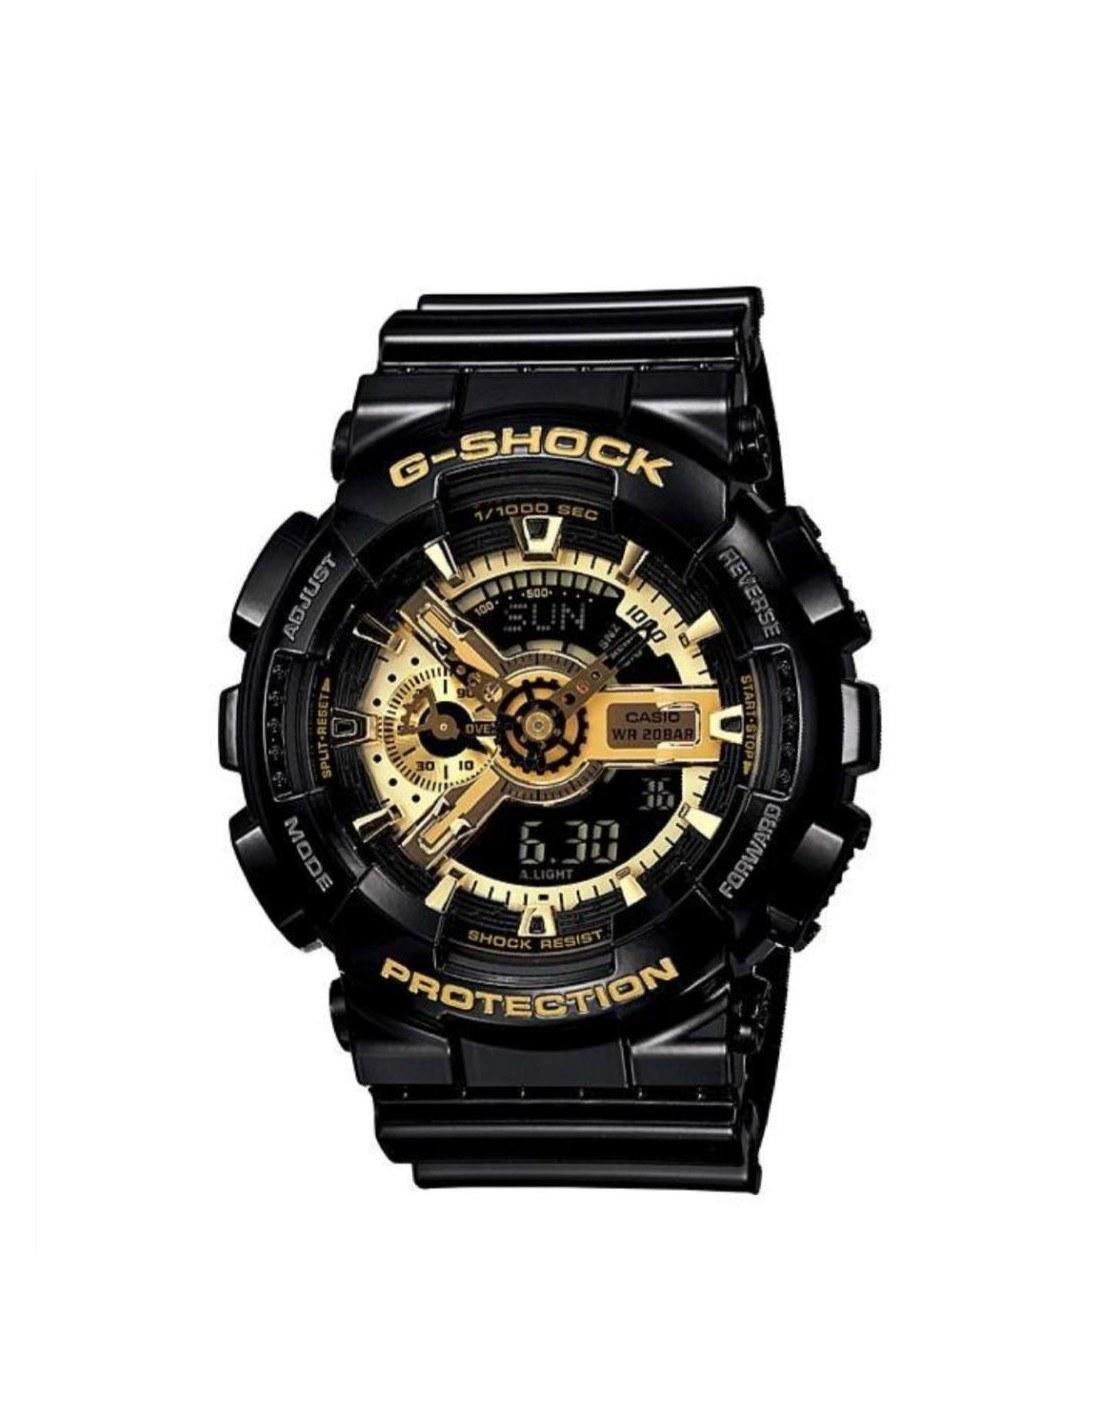 ساعت مچی مردانه CASIO GA-110GB-1A